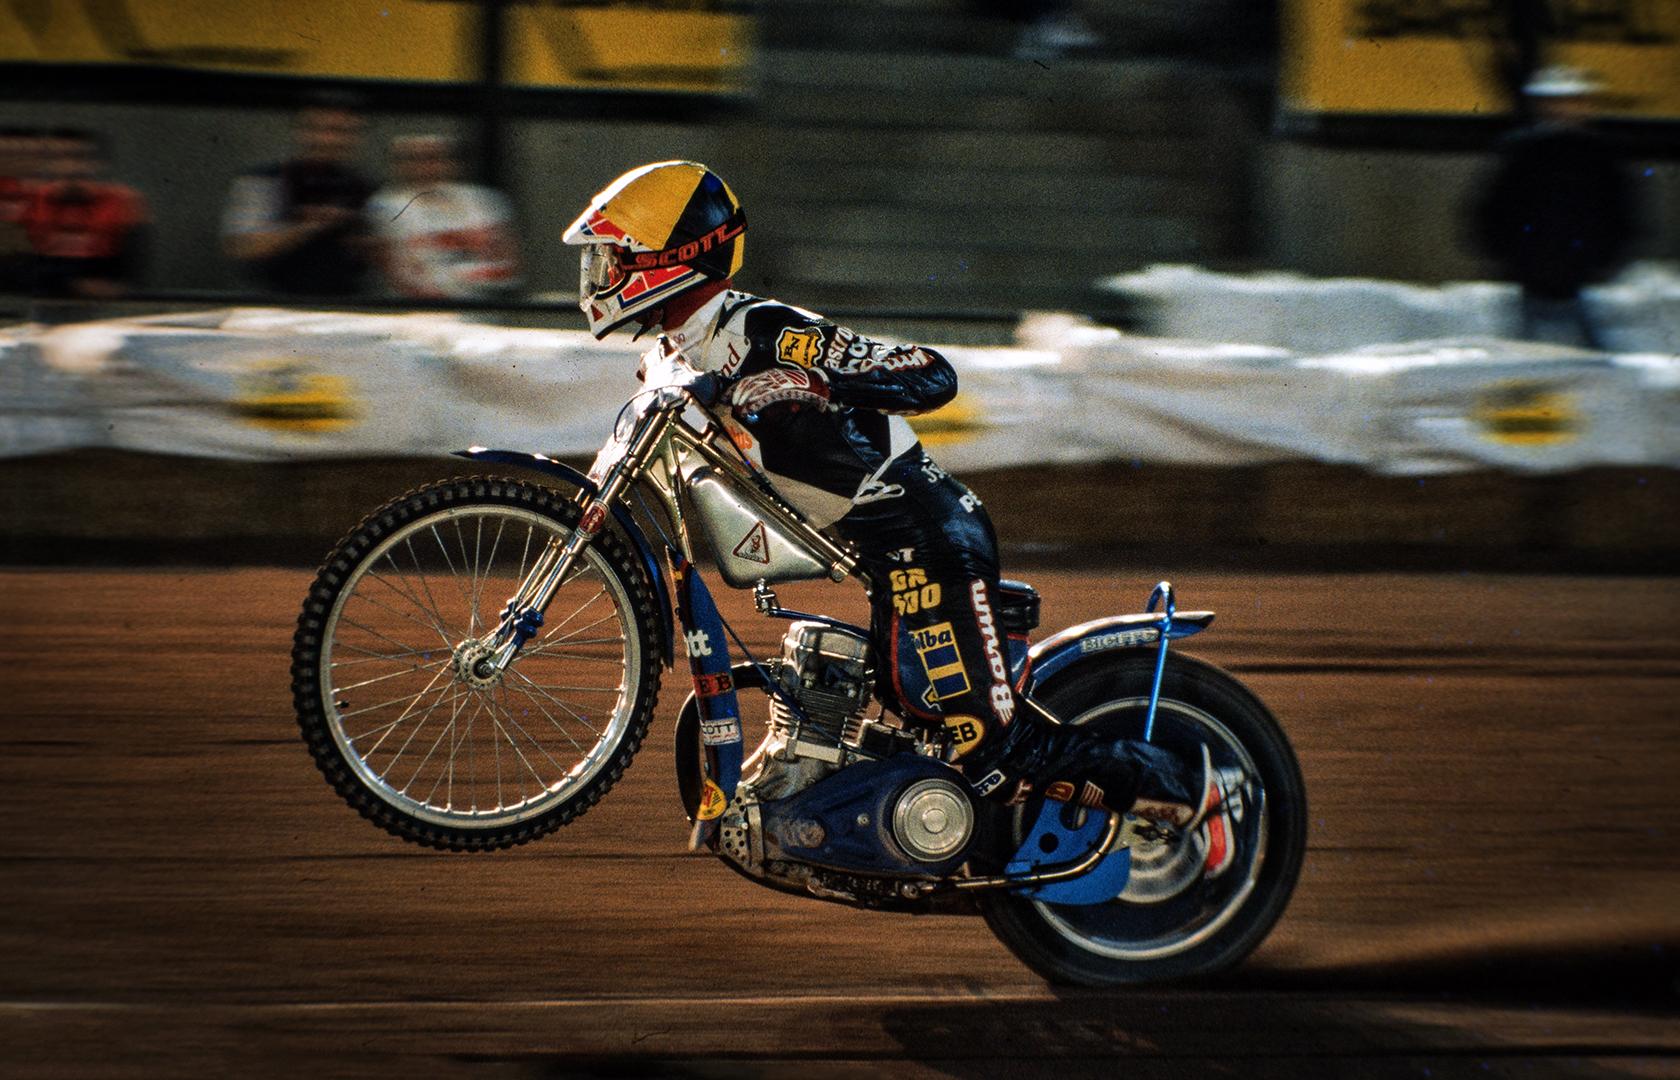 Speedway racer taking of